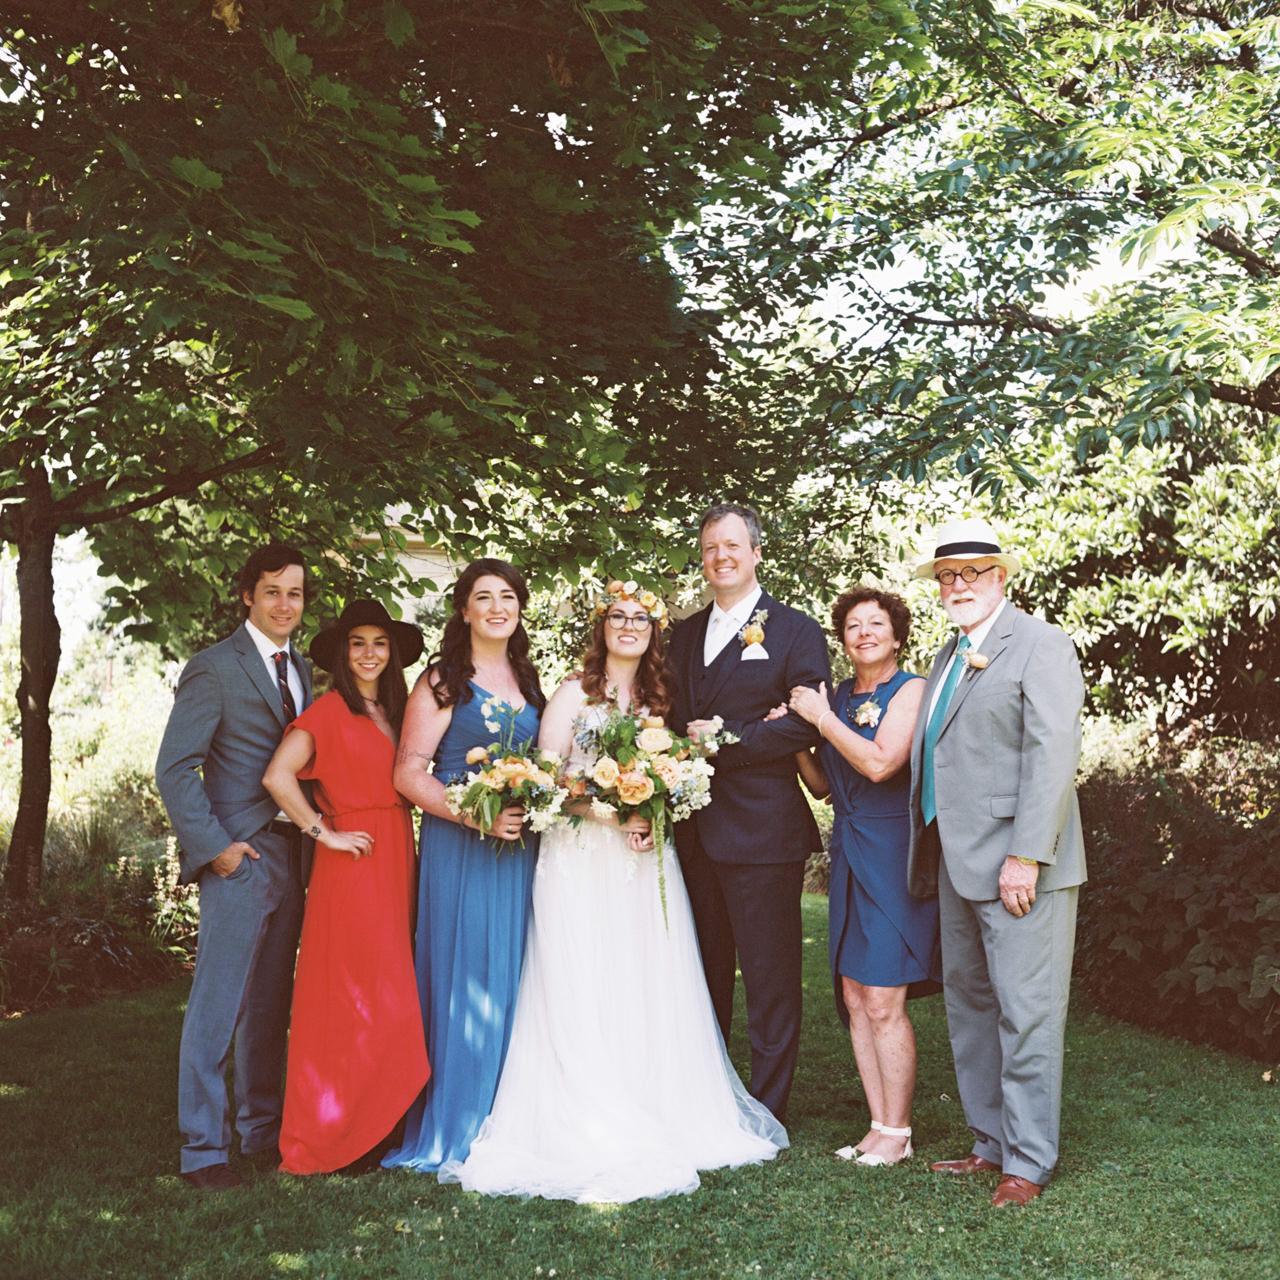 kennedy-school-mcmenamins-portland-wedding-046.JPG